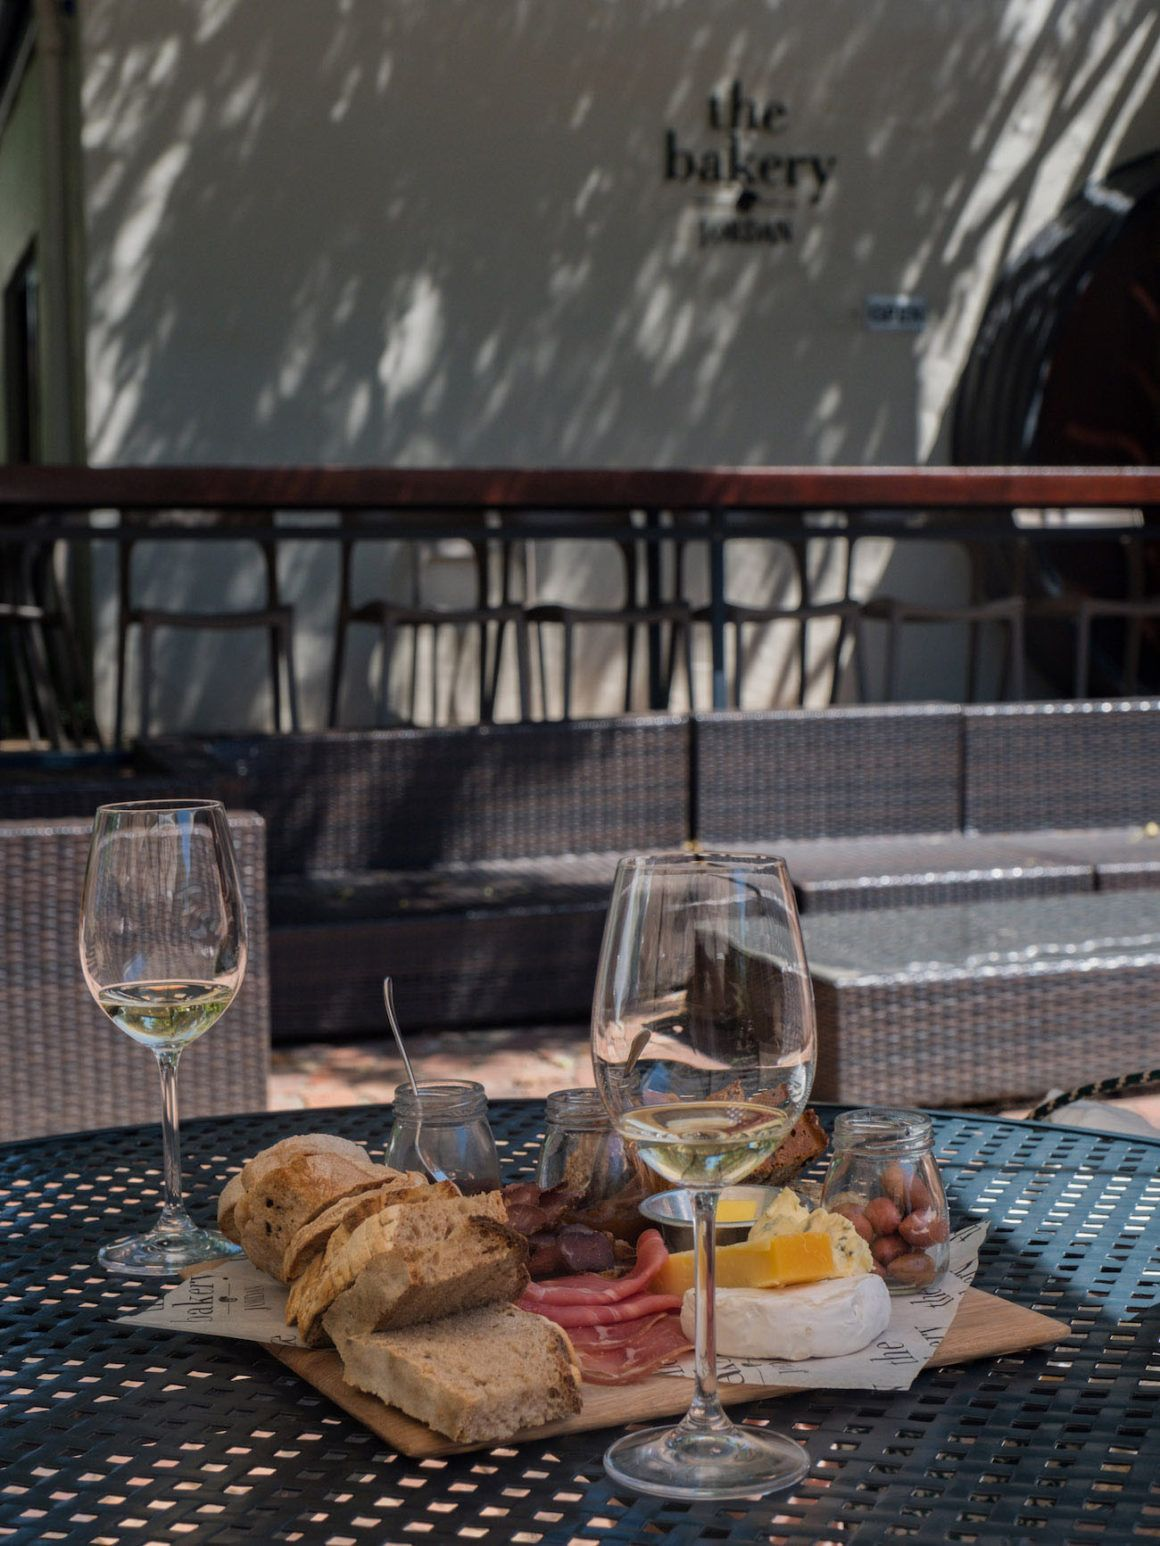 Weinguide Stellenbosch, Jordans, Bakery, Wein, Brot, Wurst, Käse